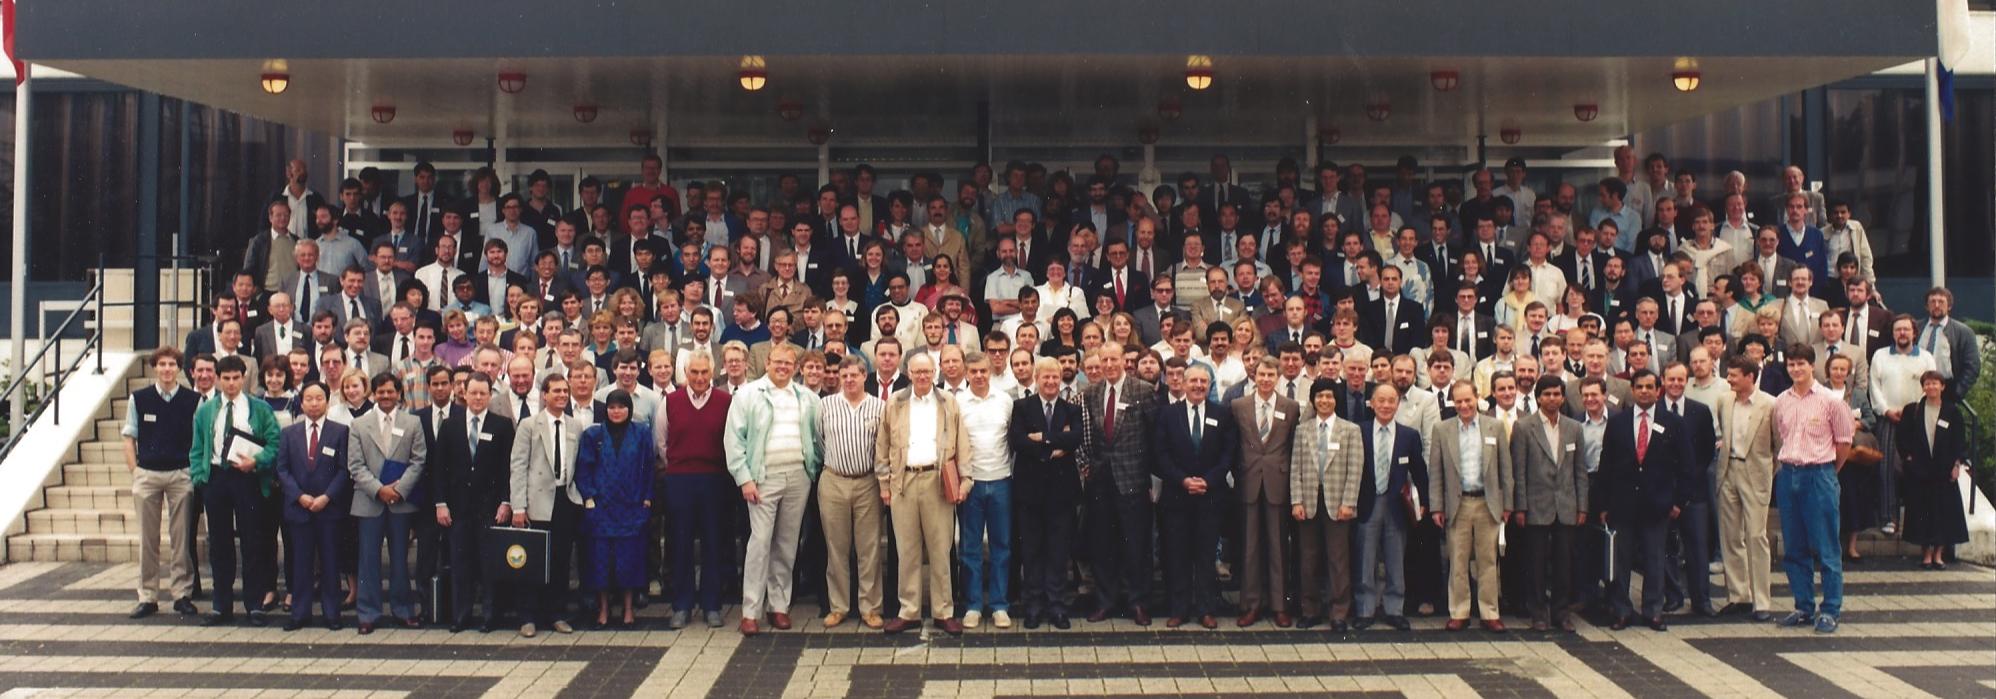 Groningen, 1988